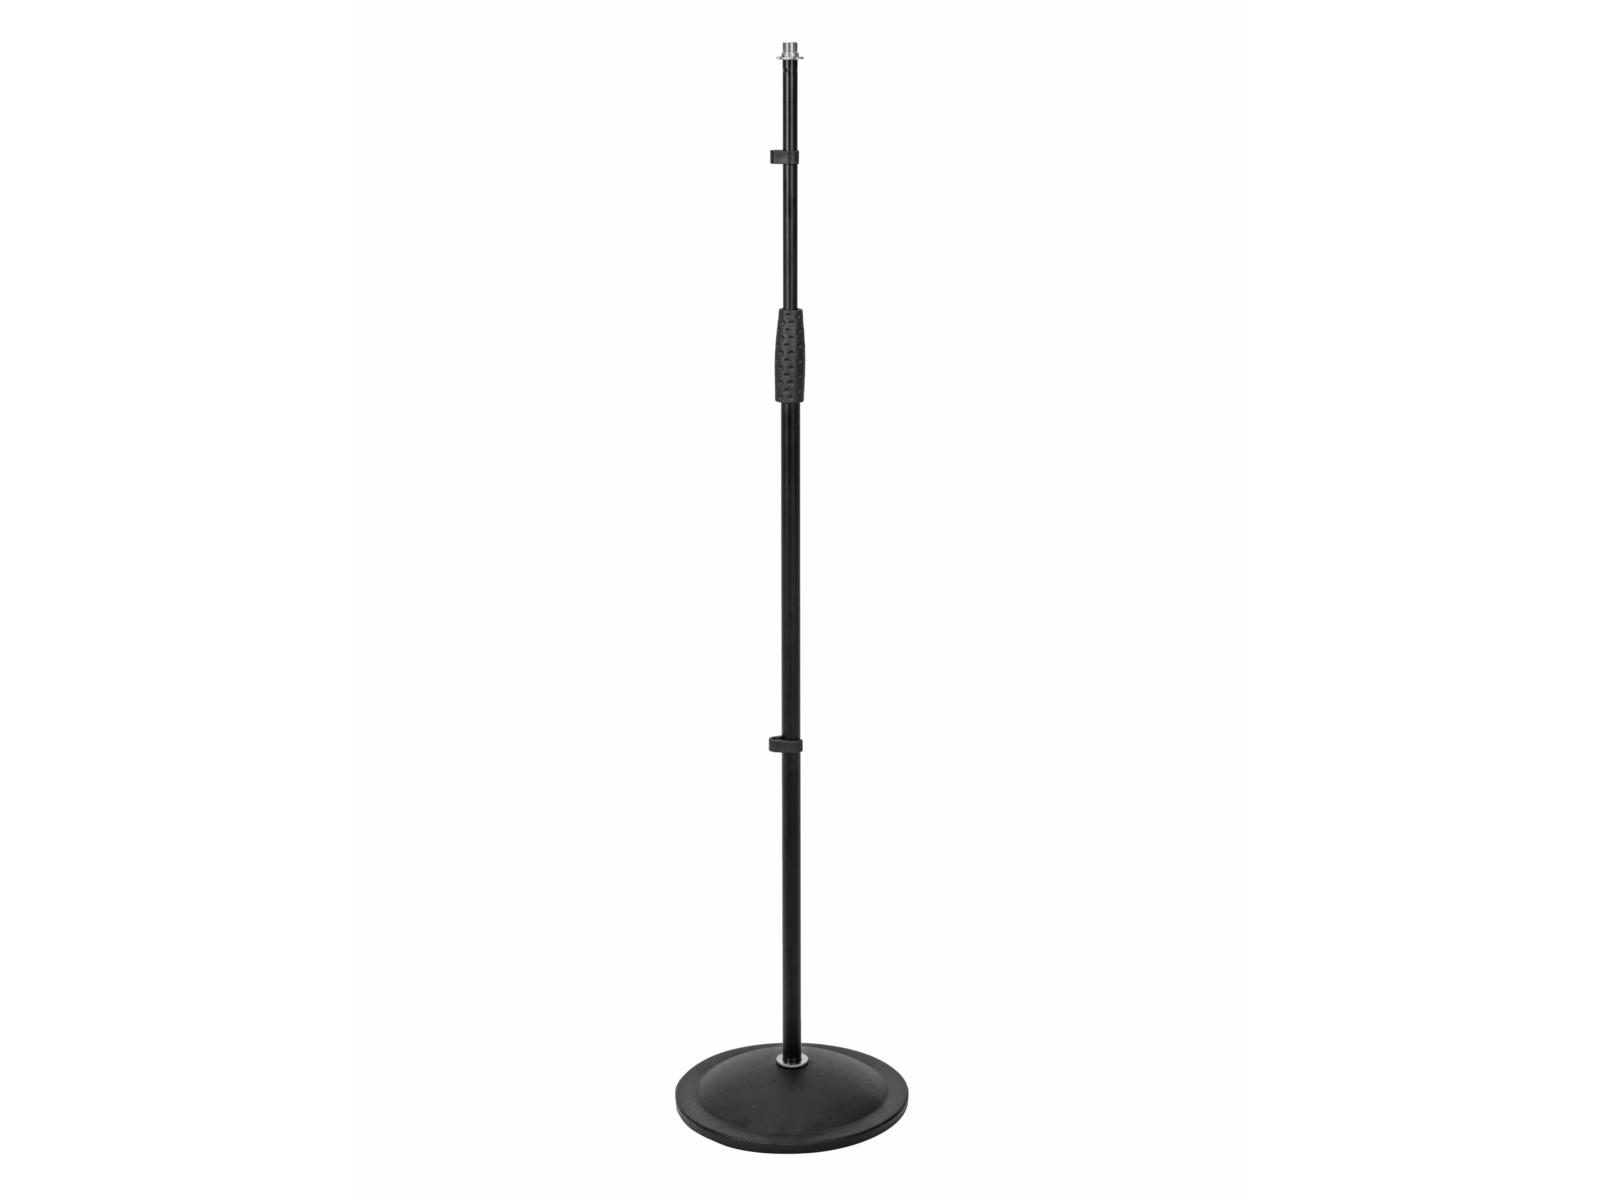 OMNITRONIC asta staffa supporto regolabile per microfono con base rotonda